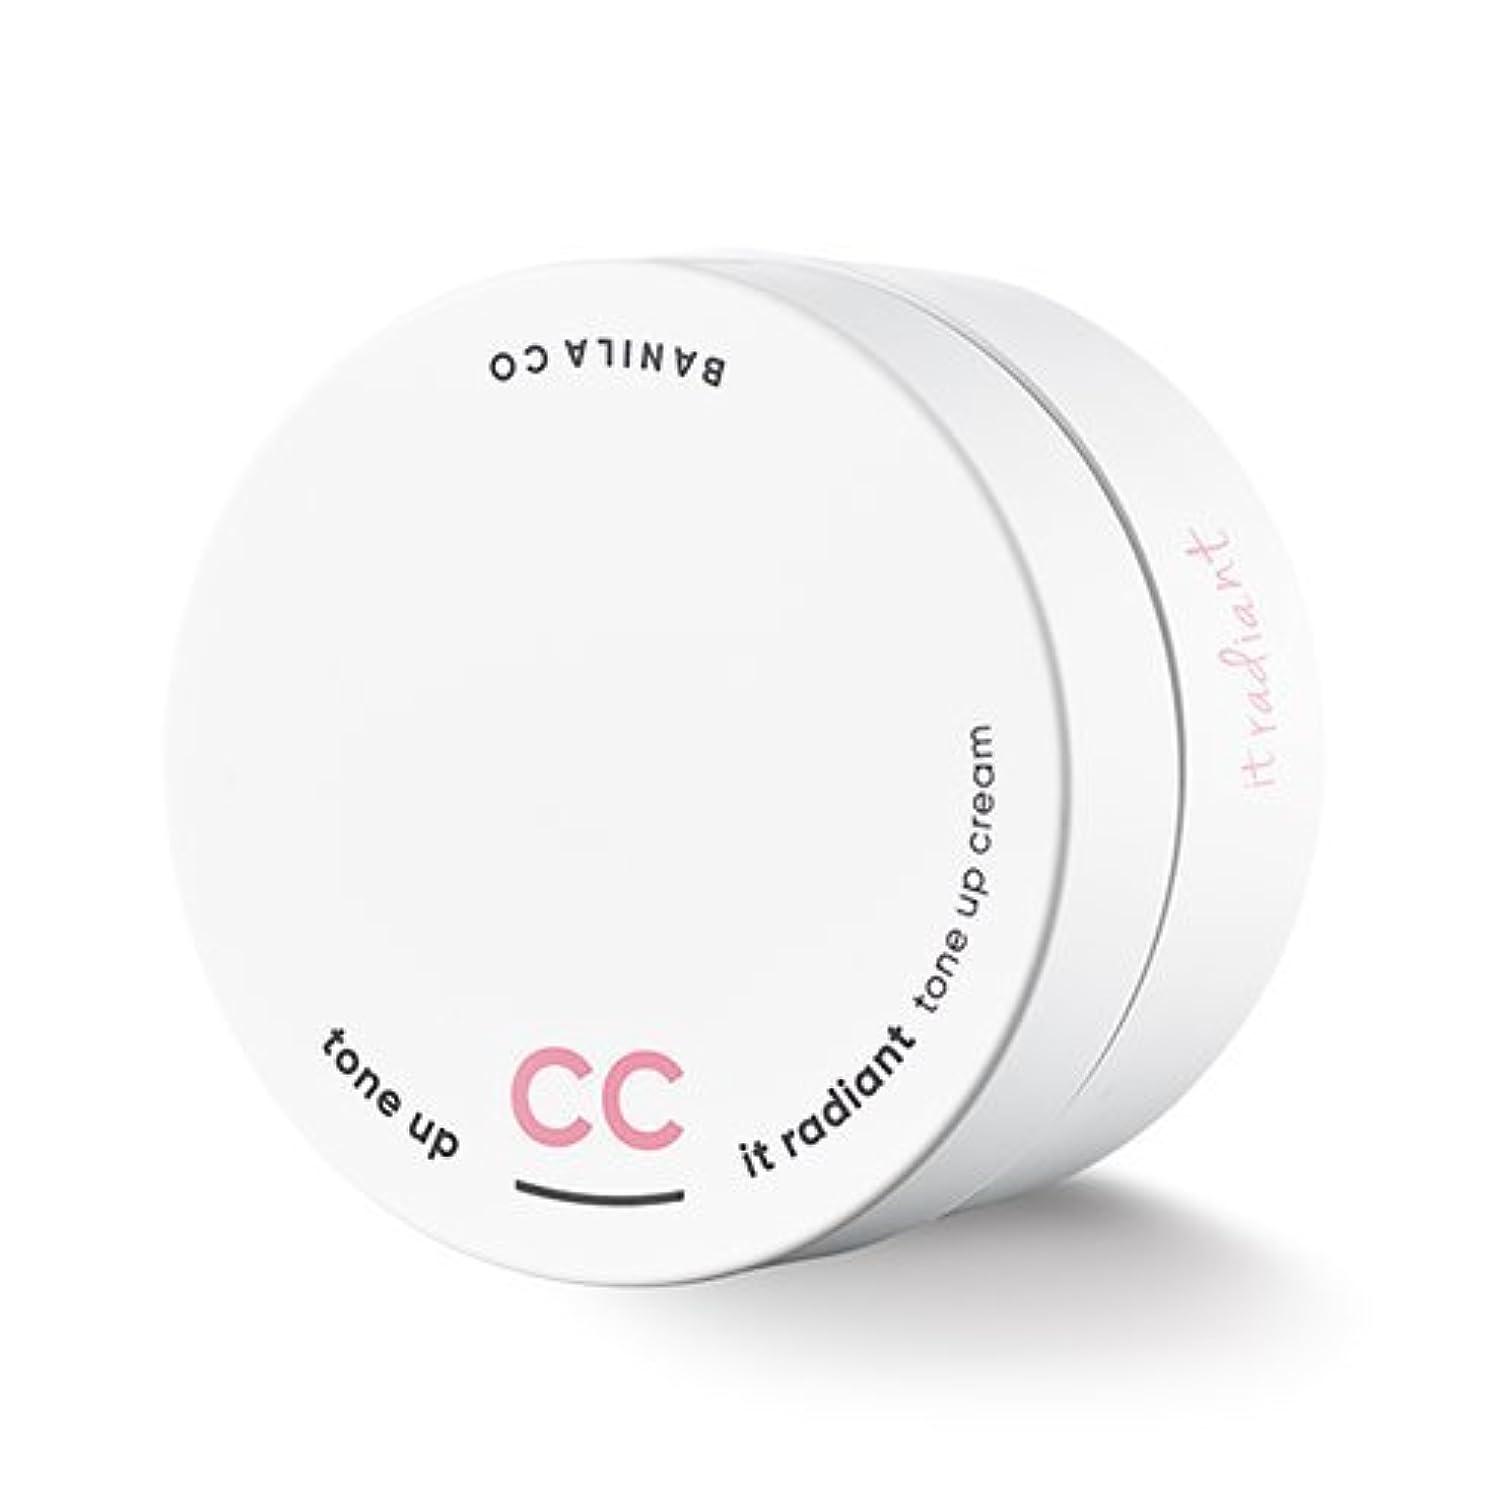 応じるバズセラフBANILA CO It Radiant CC Tone Up Cream 50ml/バニラコ イット ラディアント CC トーンアップ クリーム 50ml [並行輸入品]